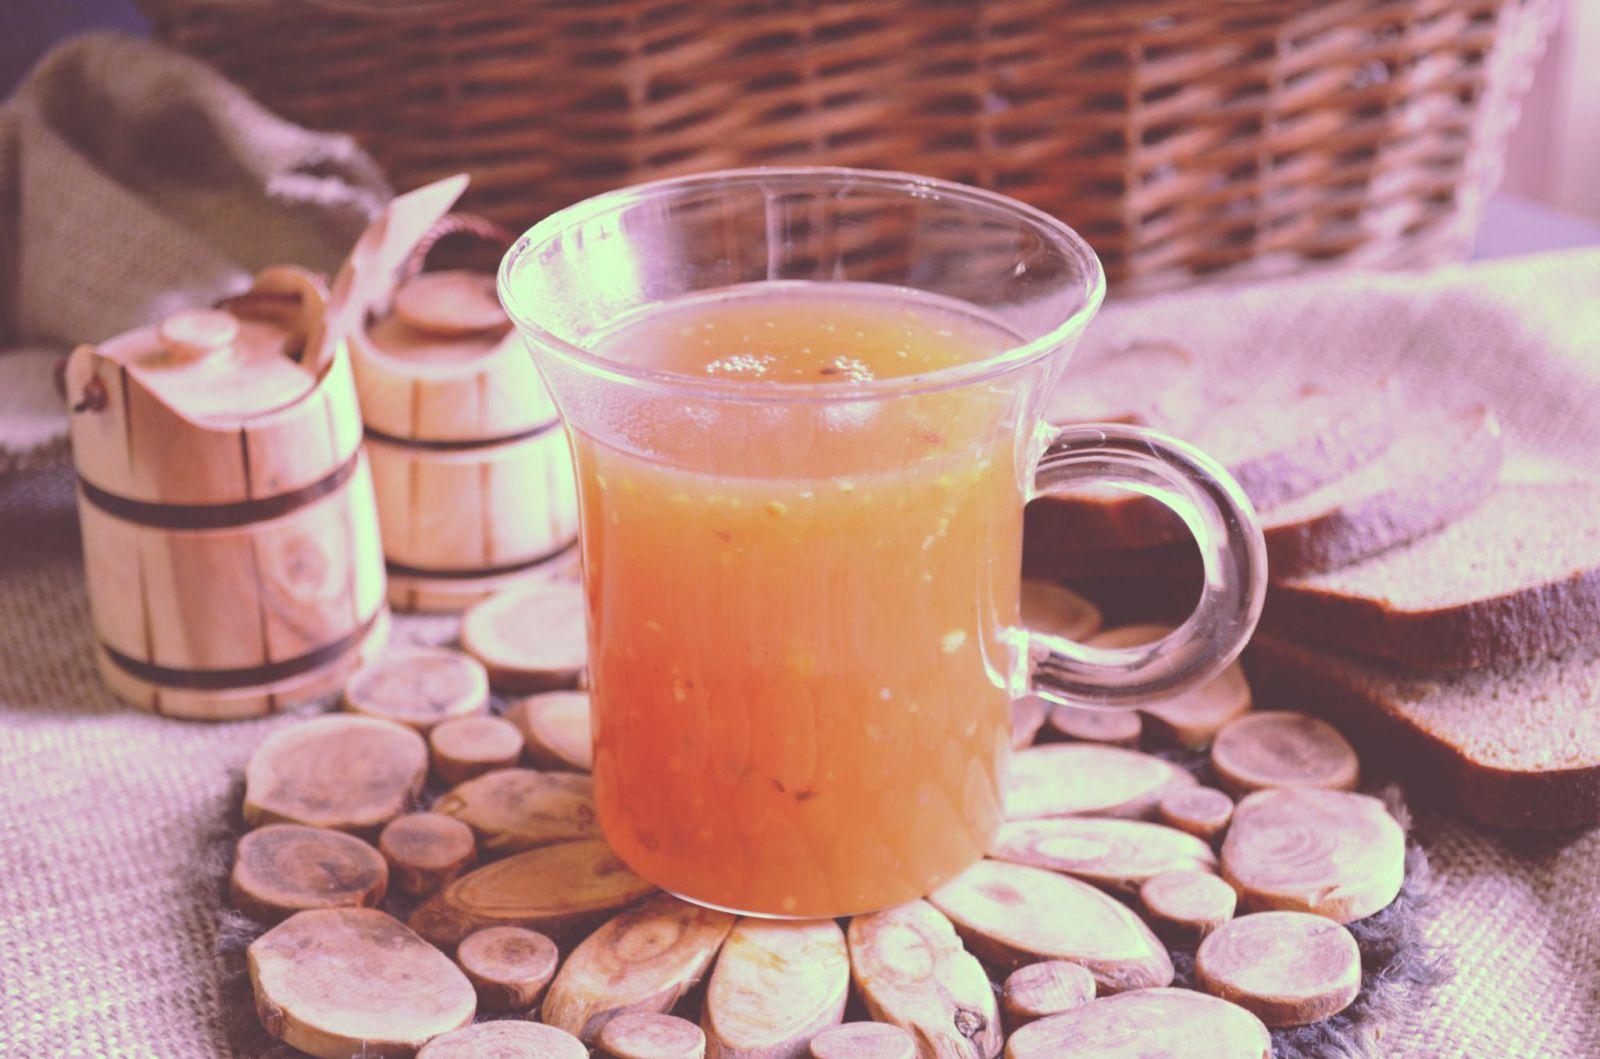 Льняной кисель - польза, вред, лечебные рецепты